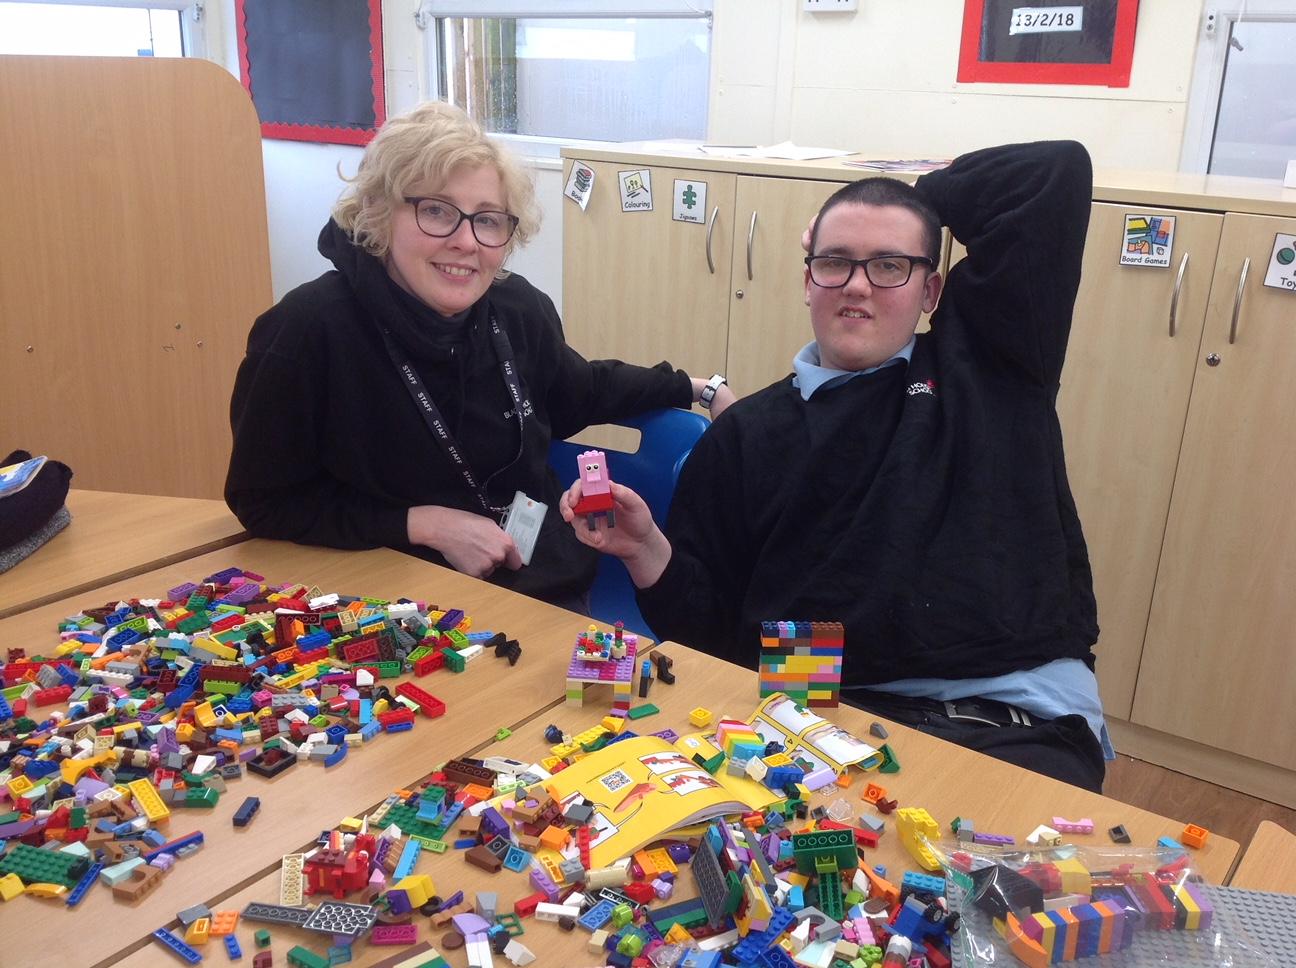 Lego Building Enrichment Activity